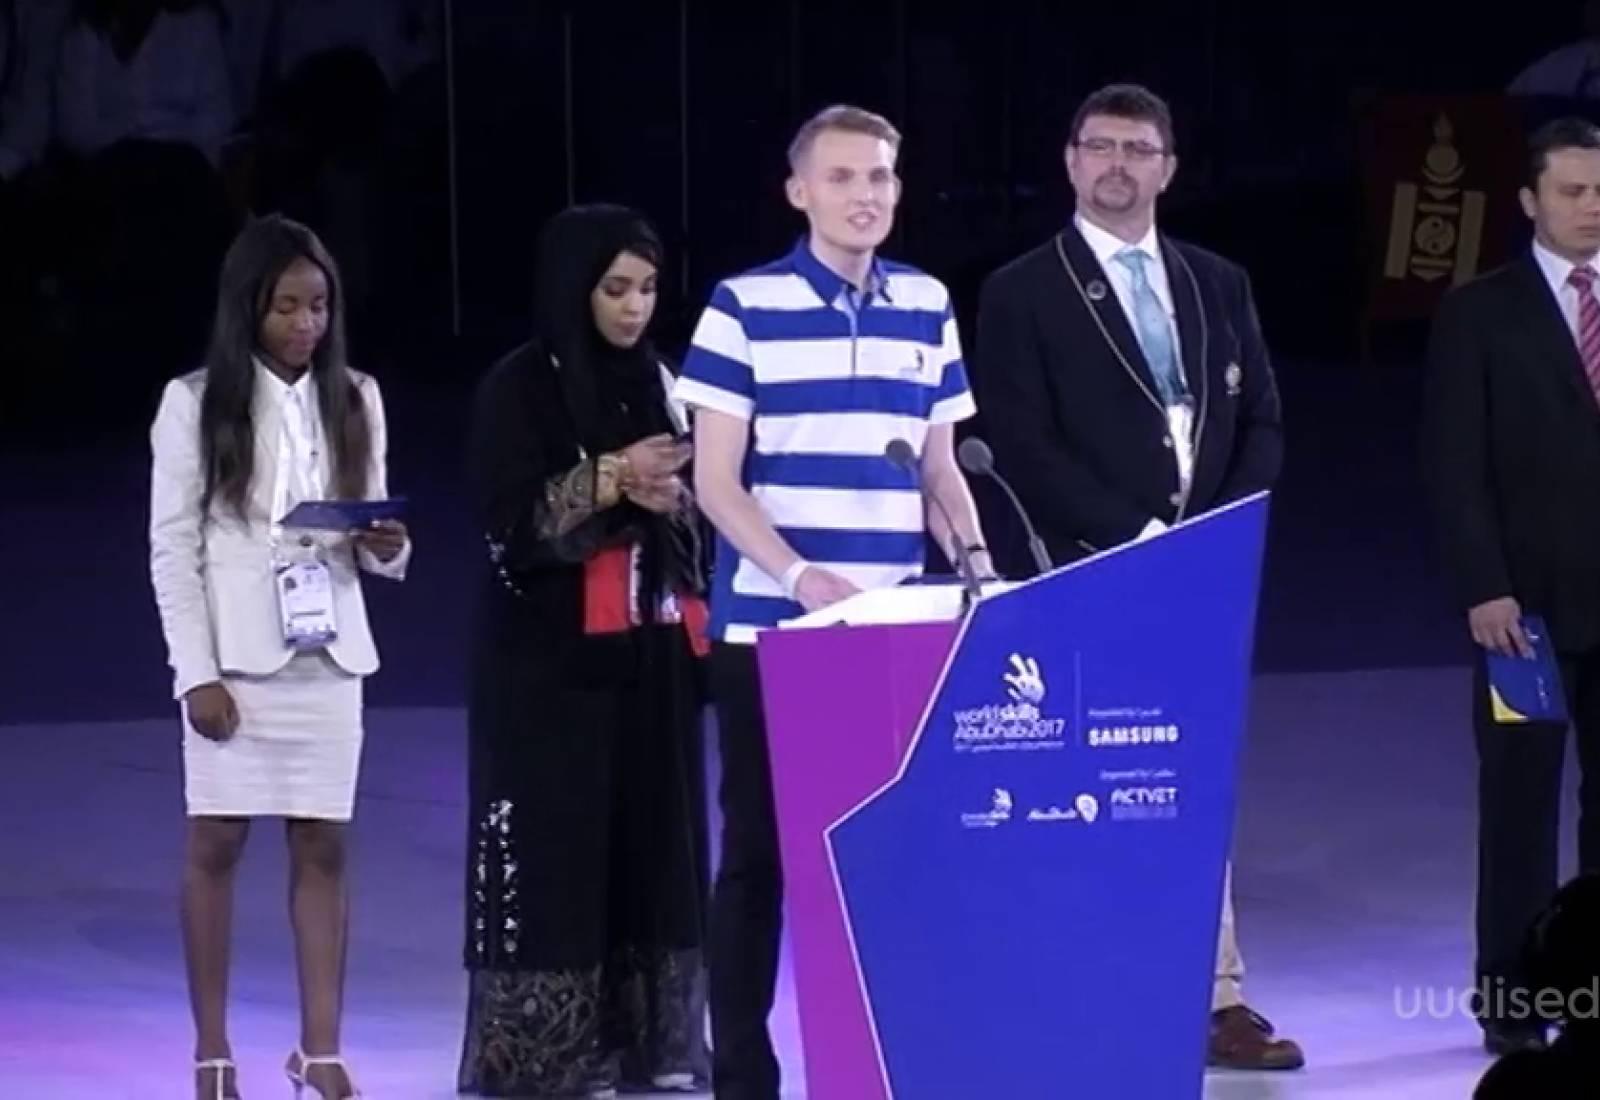 VIDEO! Eriline tunnustus! Eesti noormees avas kutsemeisterlikkuse võistluse Worldskills